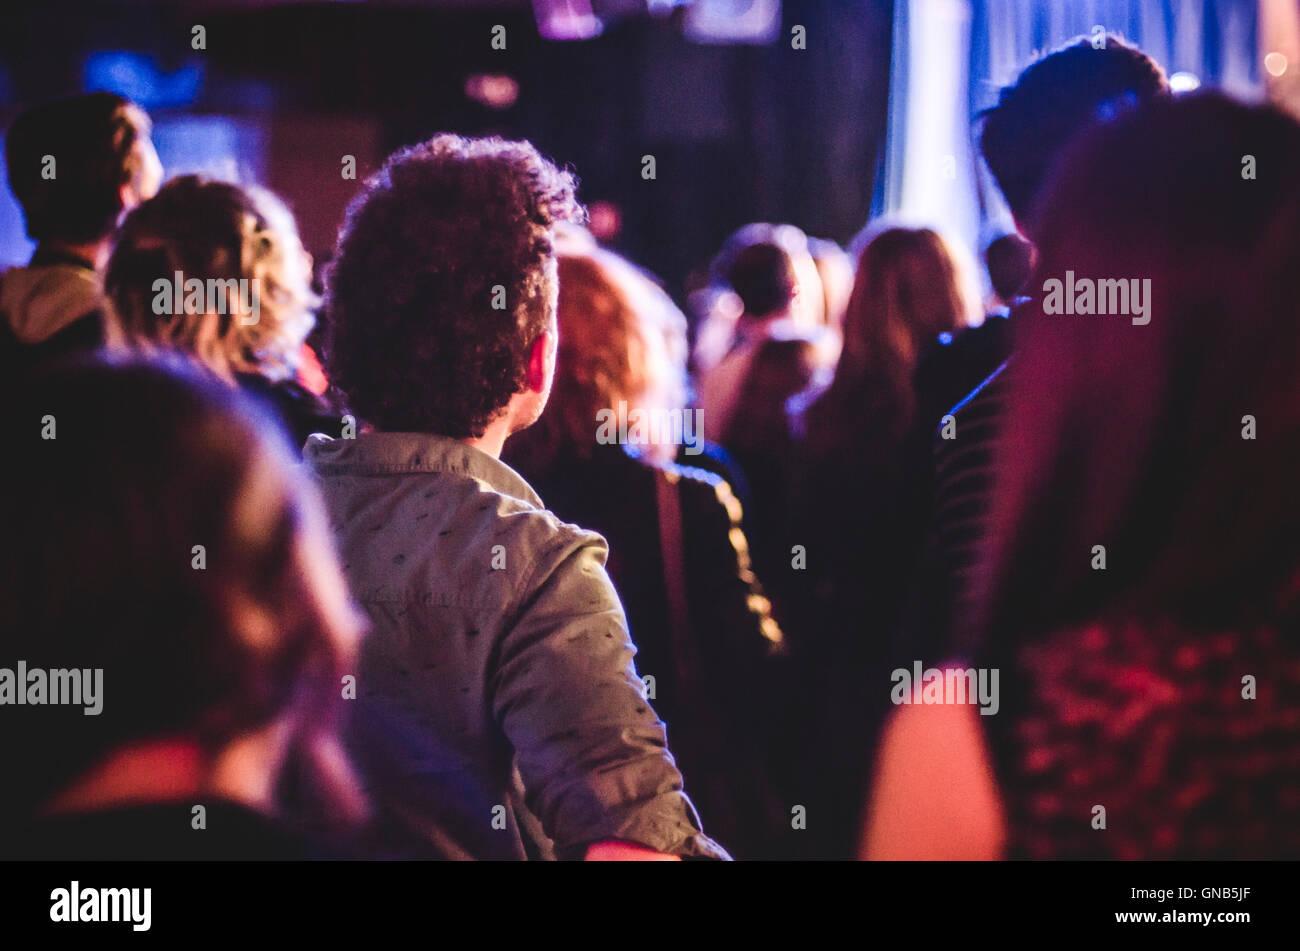 Multitud de personas viendo un concierto en pequeño Club Venue Imagen De Stock